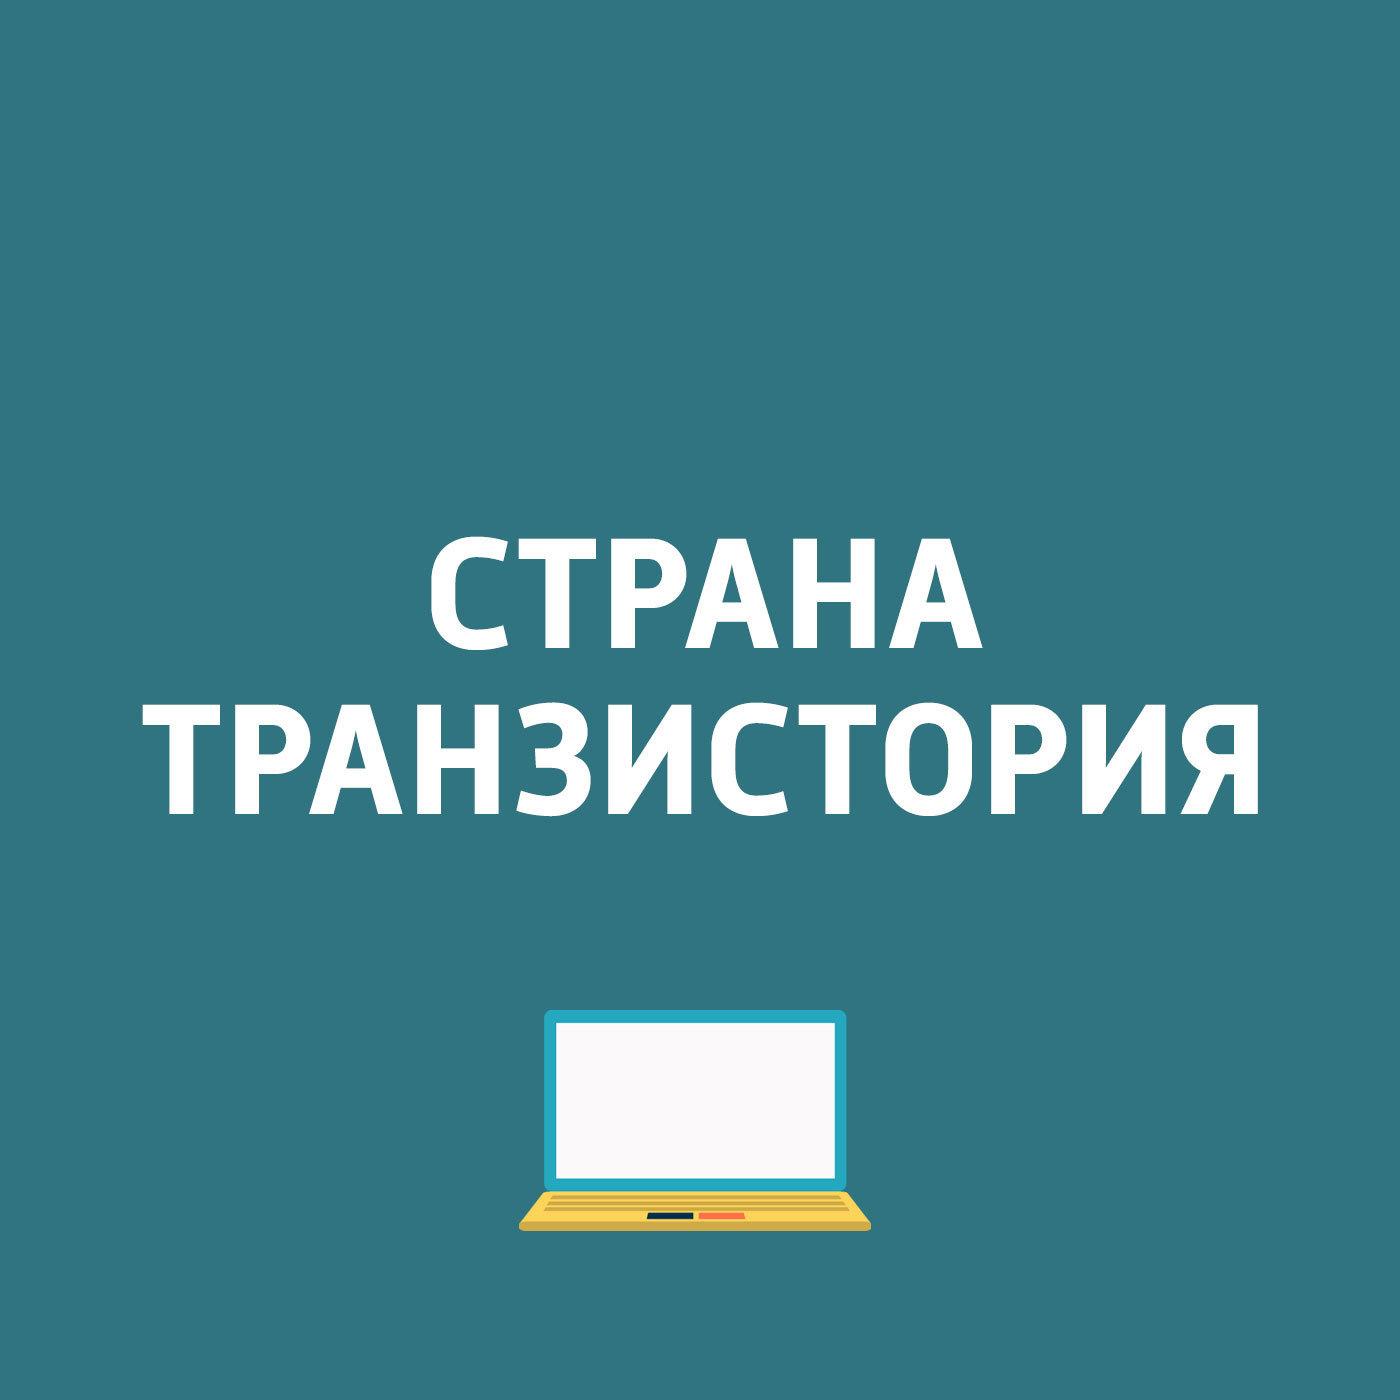 Фото - Картаев Павел Выставка «ИгроМир» картаев павел выставка ifa 2018 каких новинок ждать